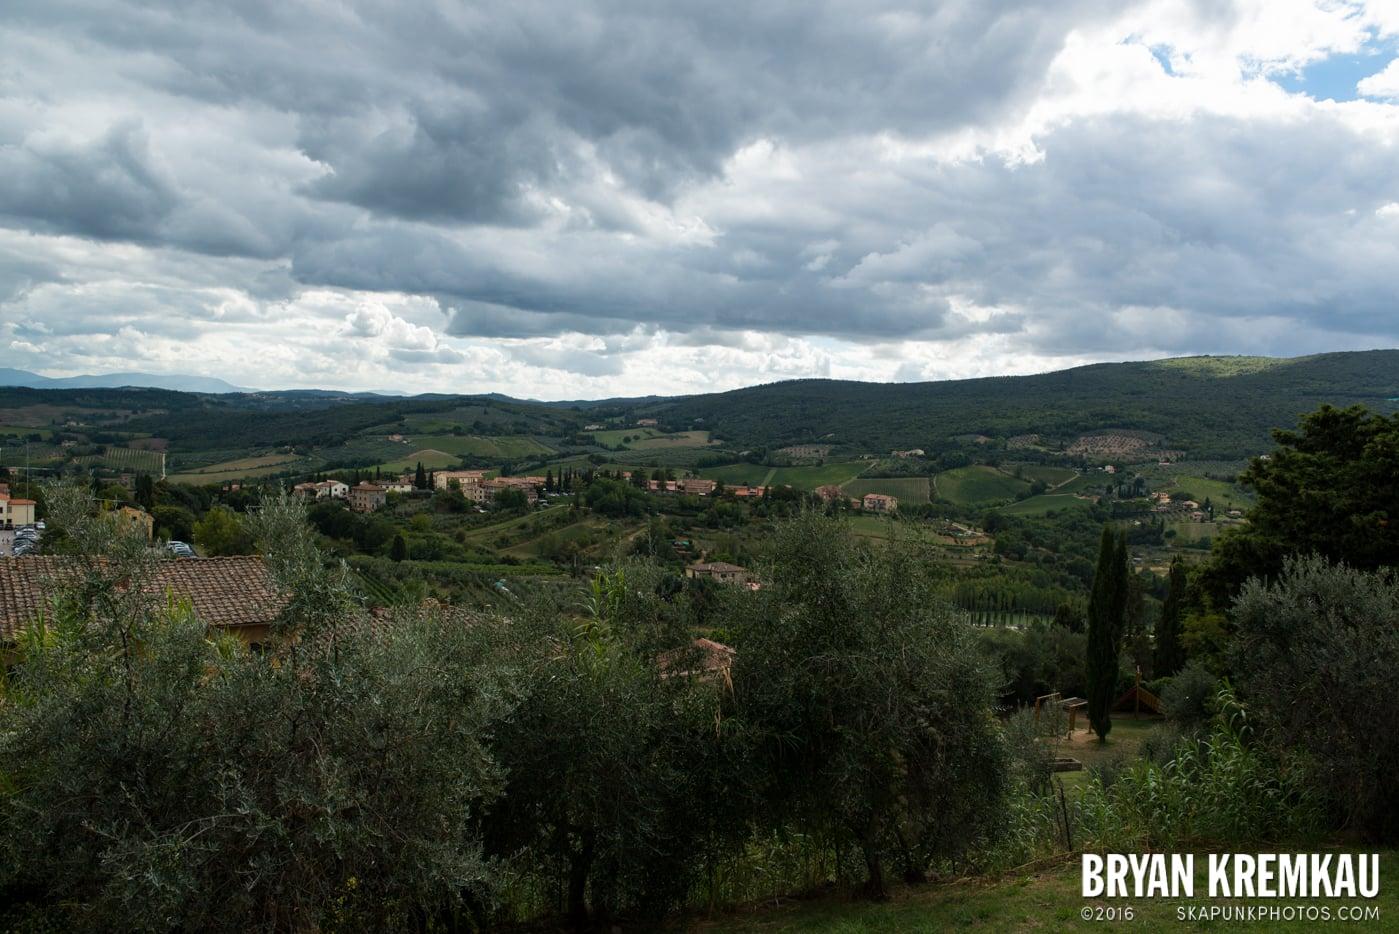 Italy Vacation - Day 8: Siena, San Gimignano, Chianti, Pisa - 9.16.13 (61)